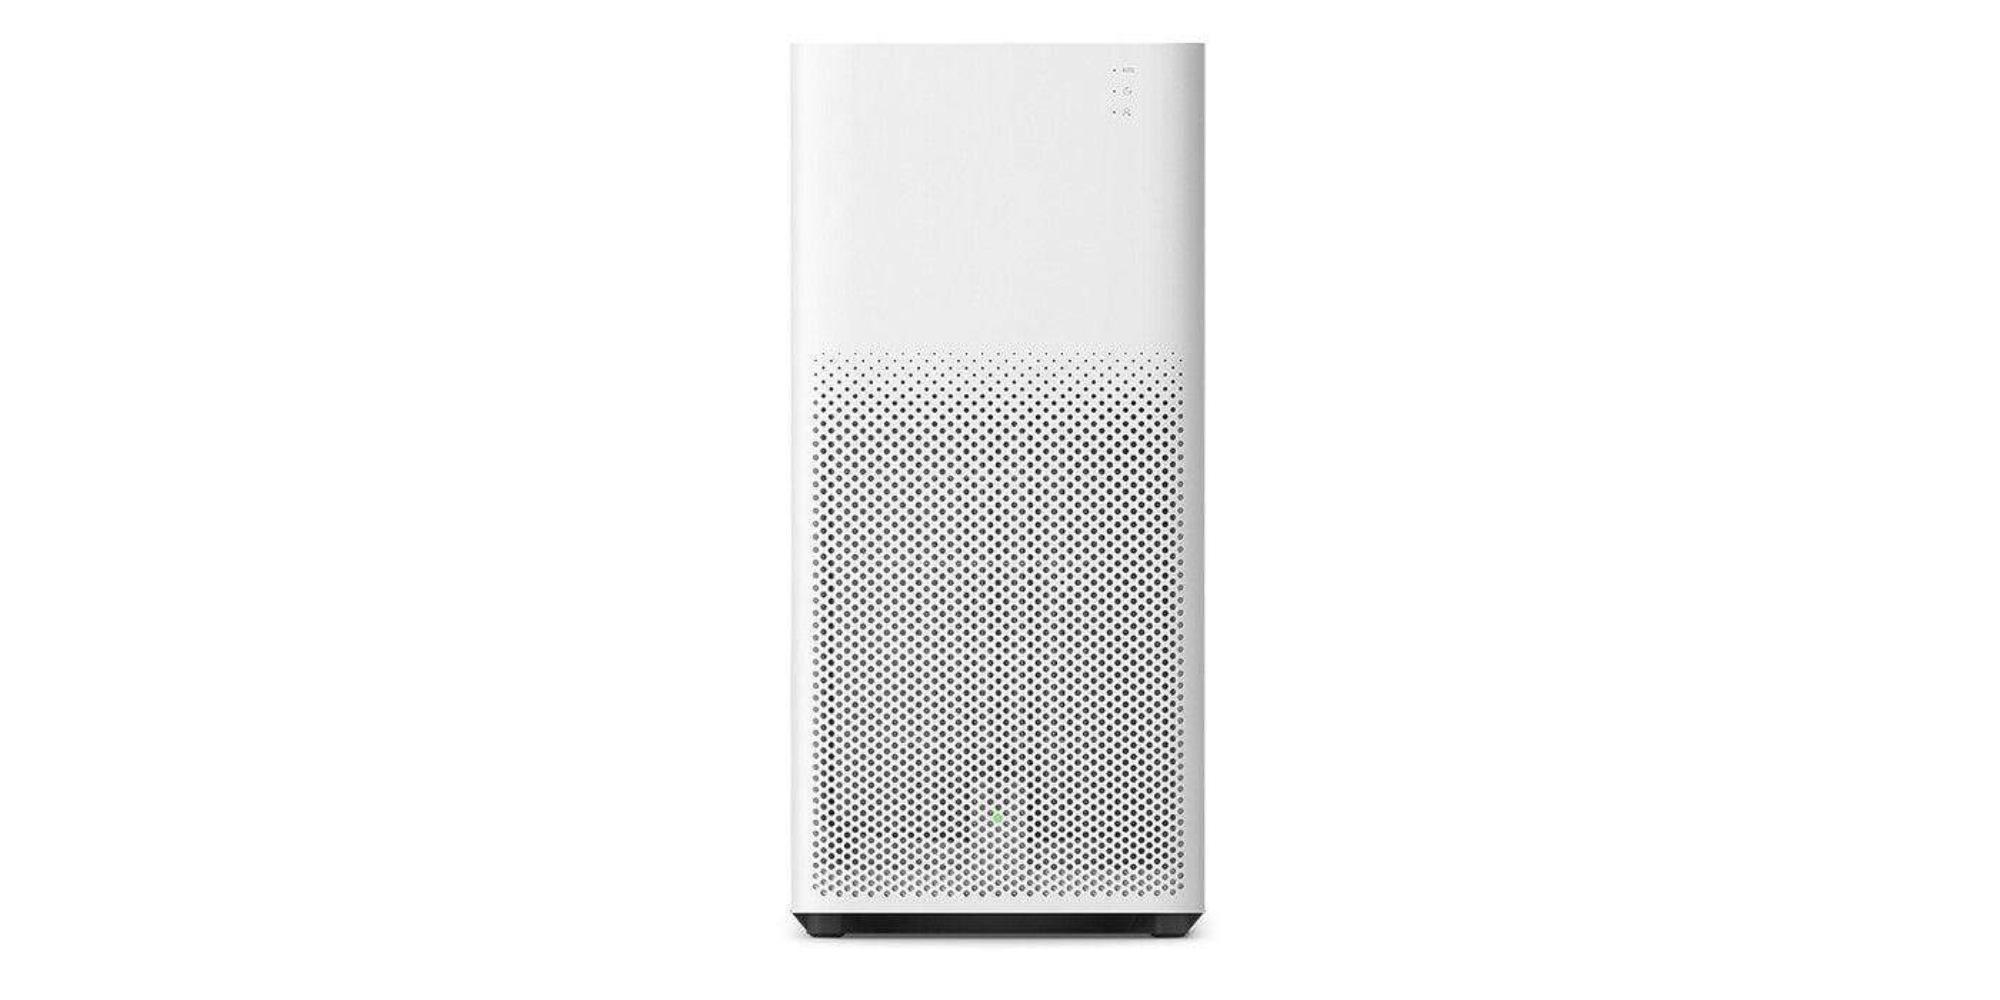 جهاز تنقية الهواء الذكي 2H